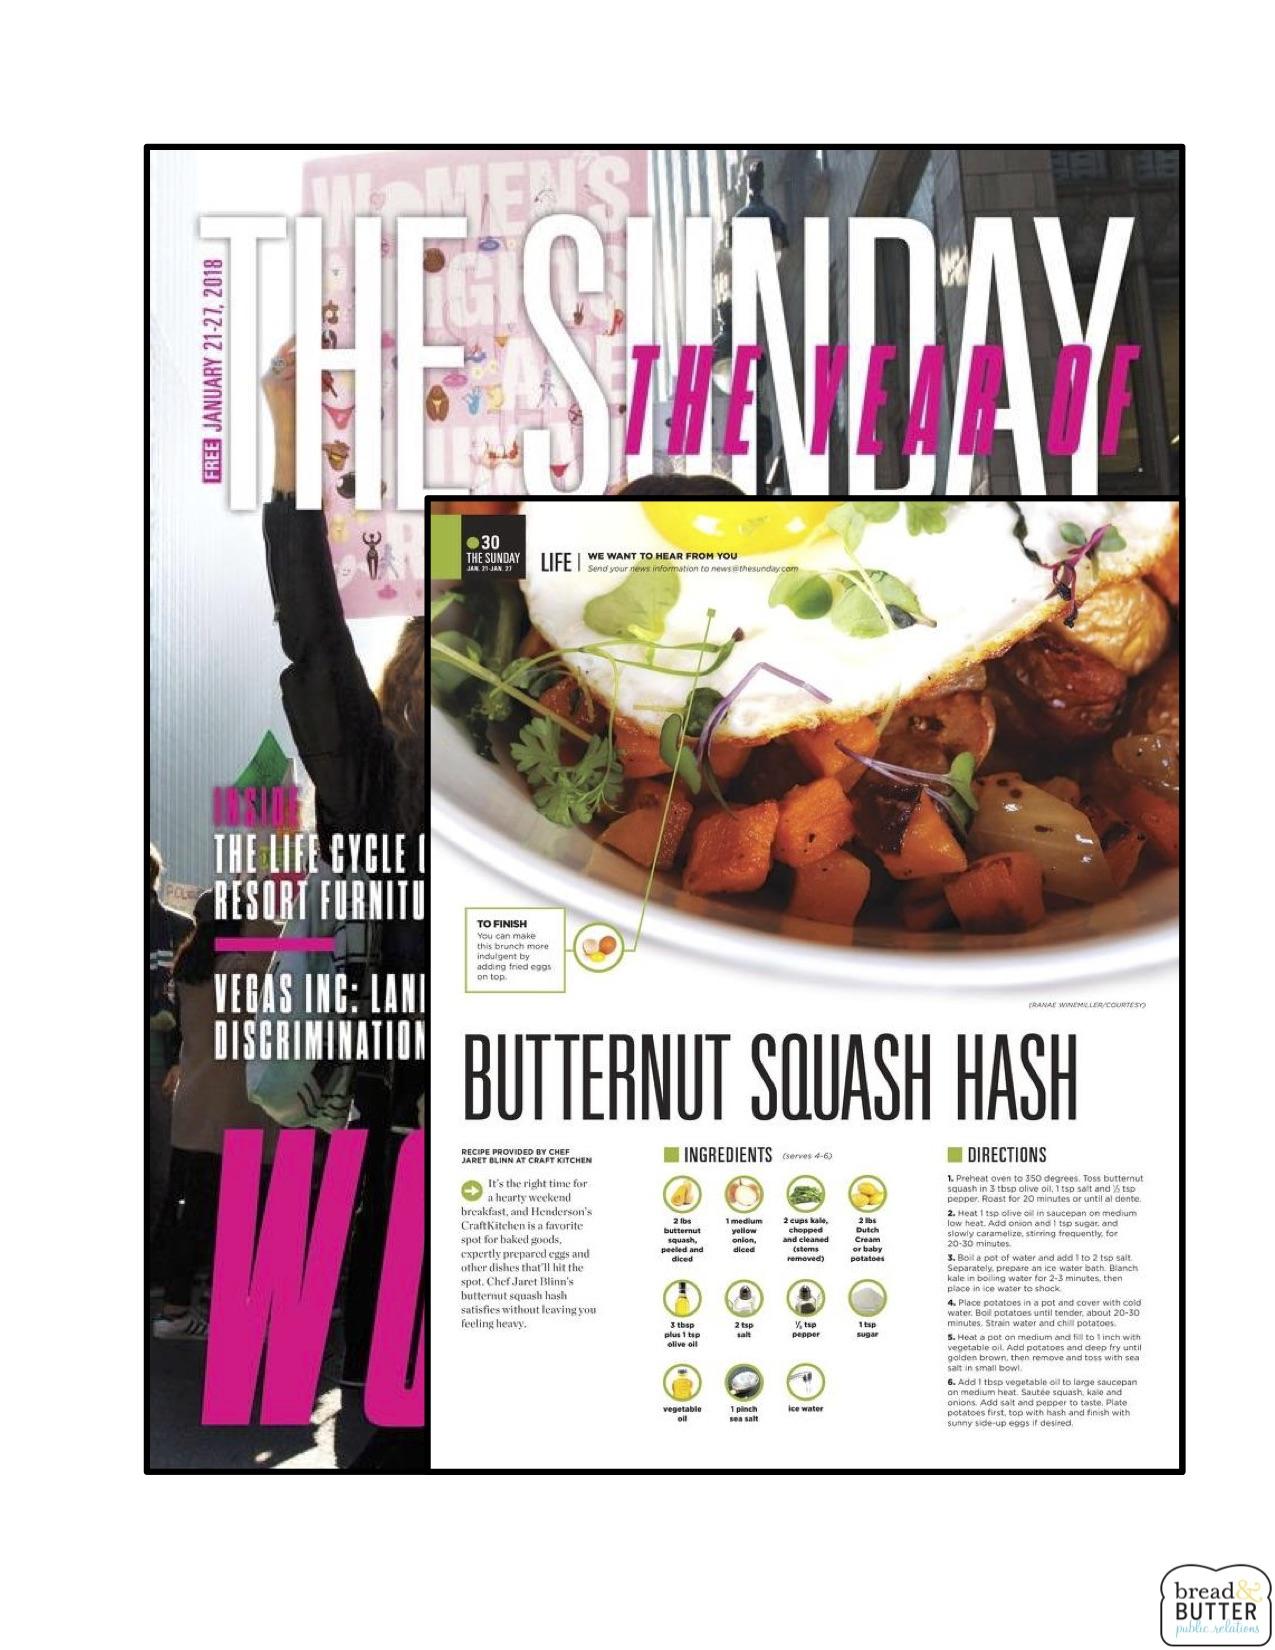 Butternut Squash Hash Recipe